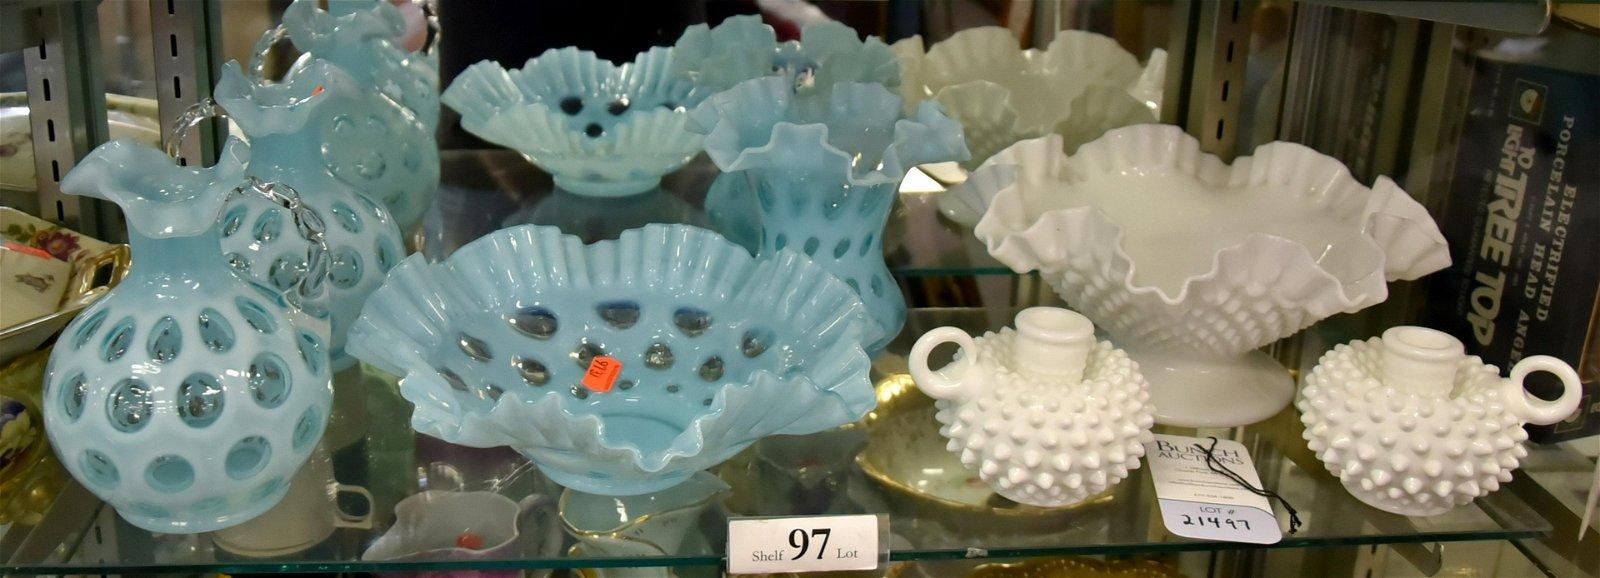 Shelf #97 - Fenton Glassware